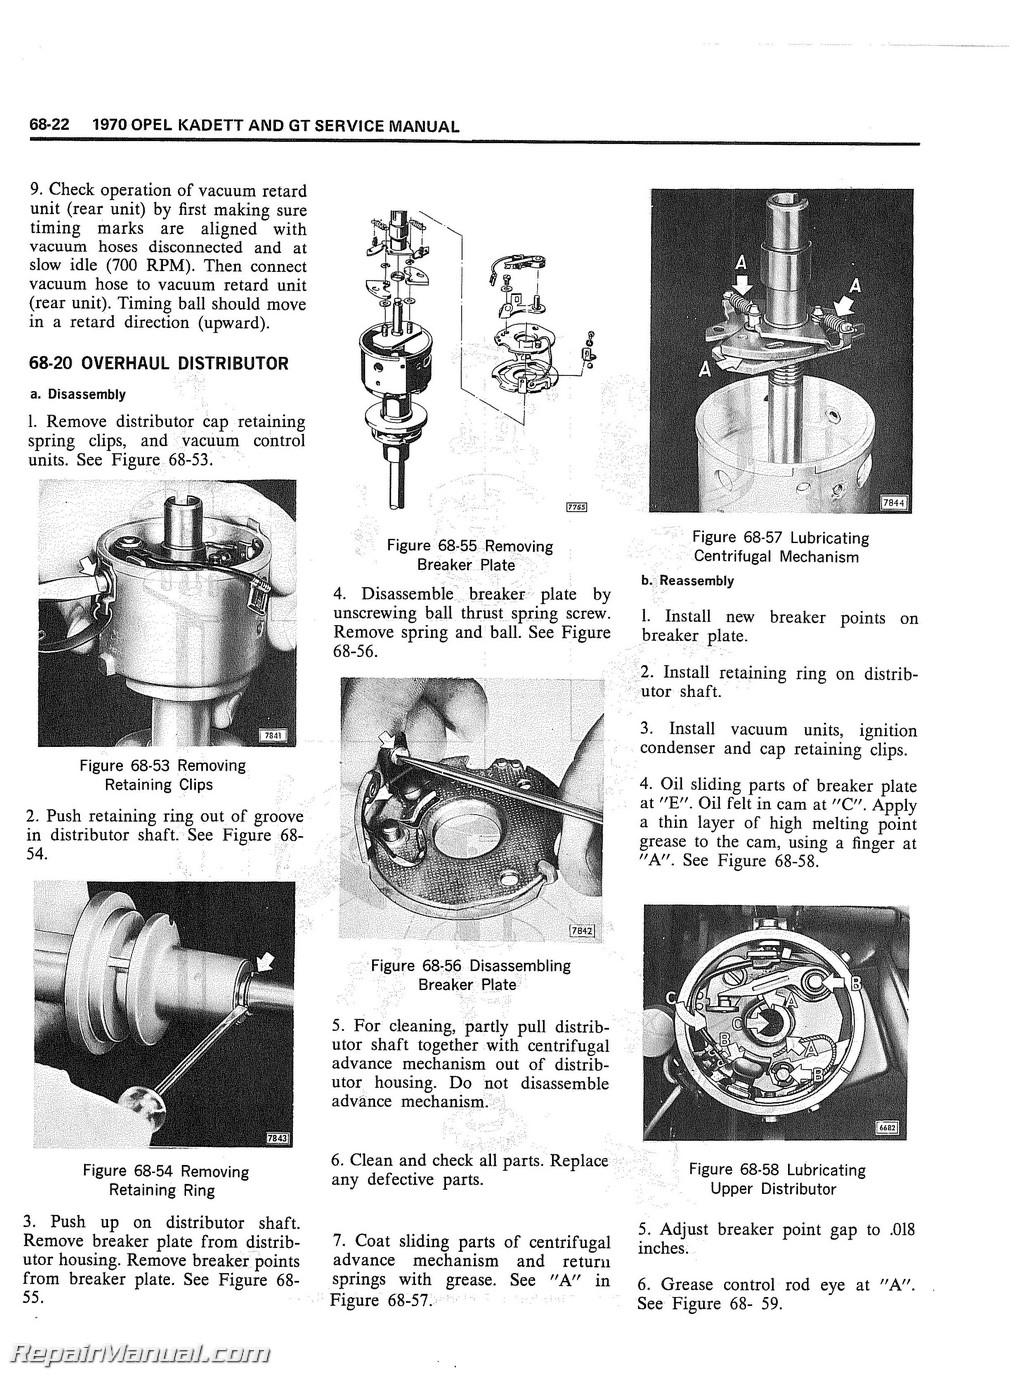 hight resolution of 1970 opel kadett gt service manual opel vectra c opel ascona c wiring diagram